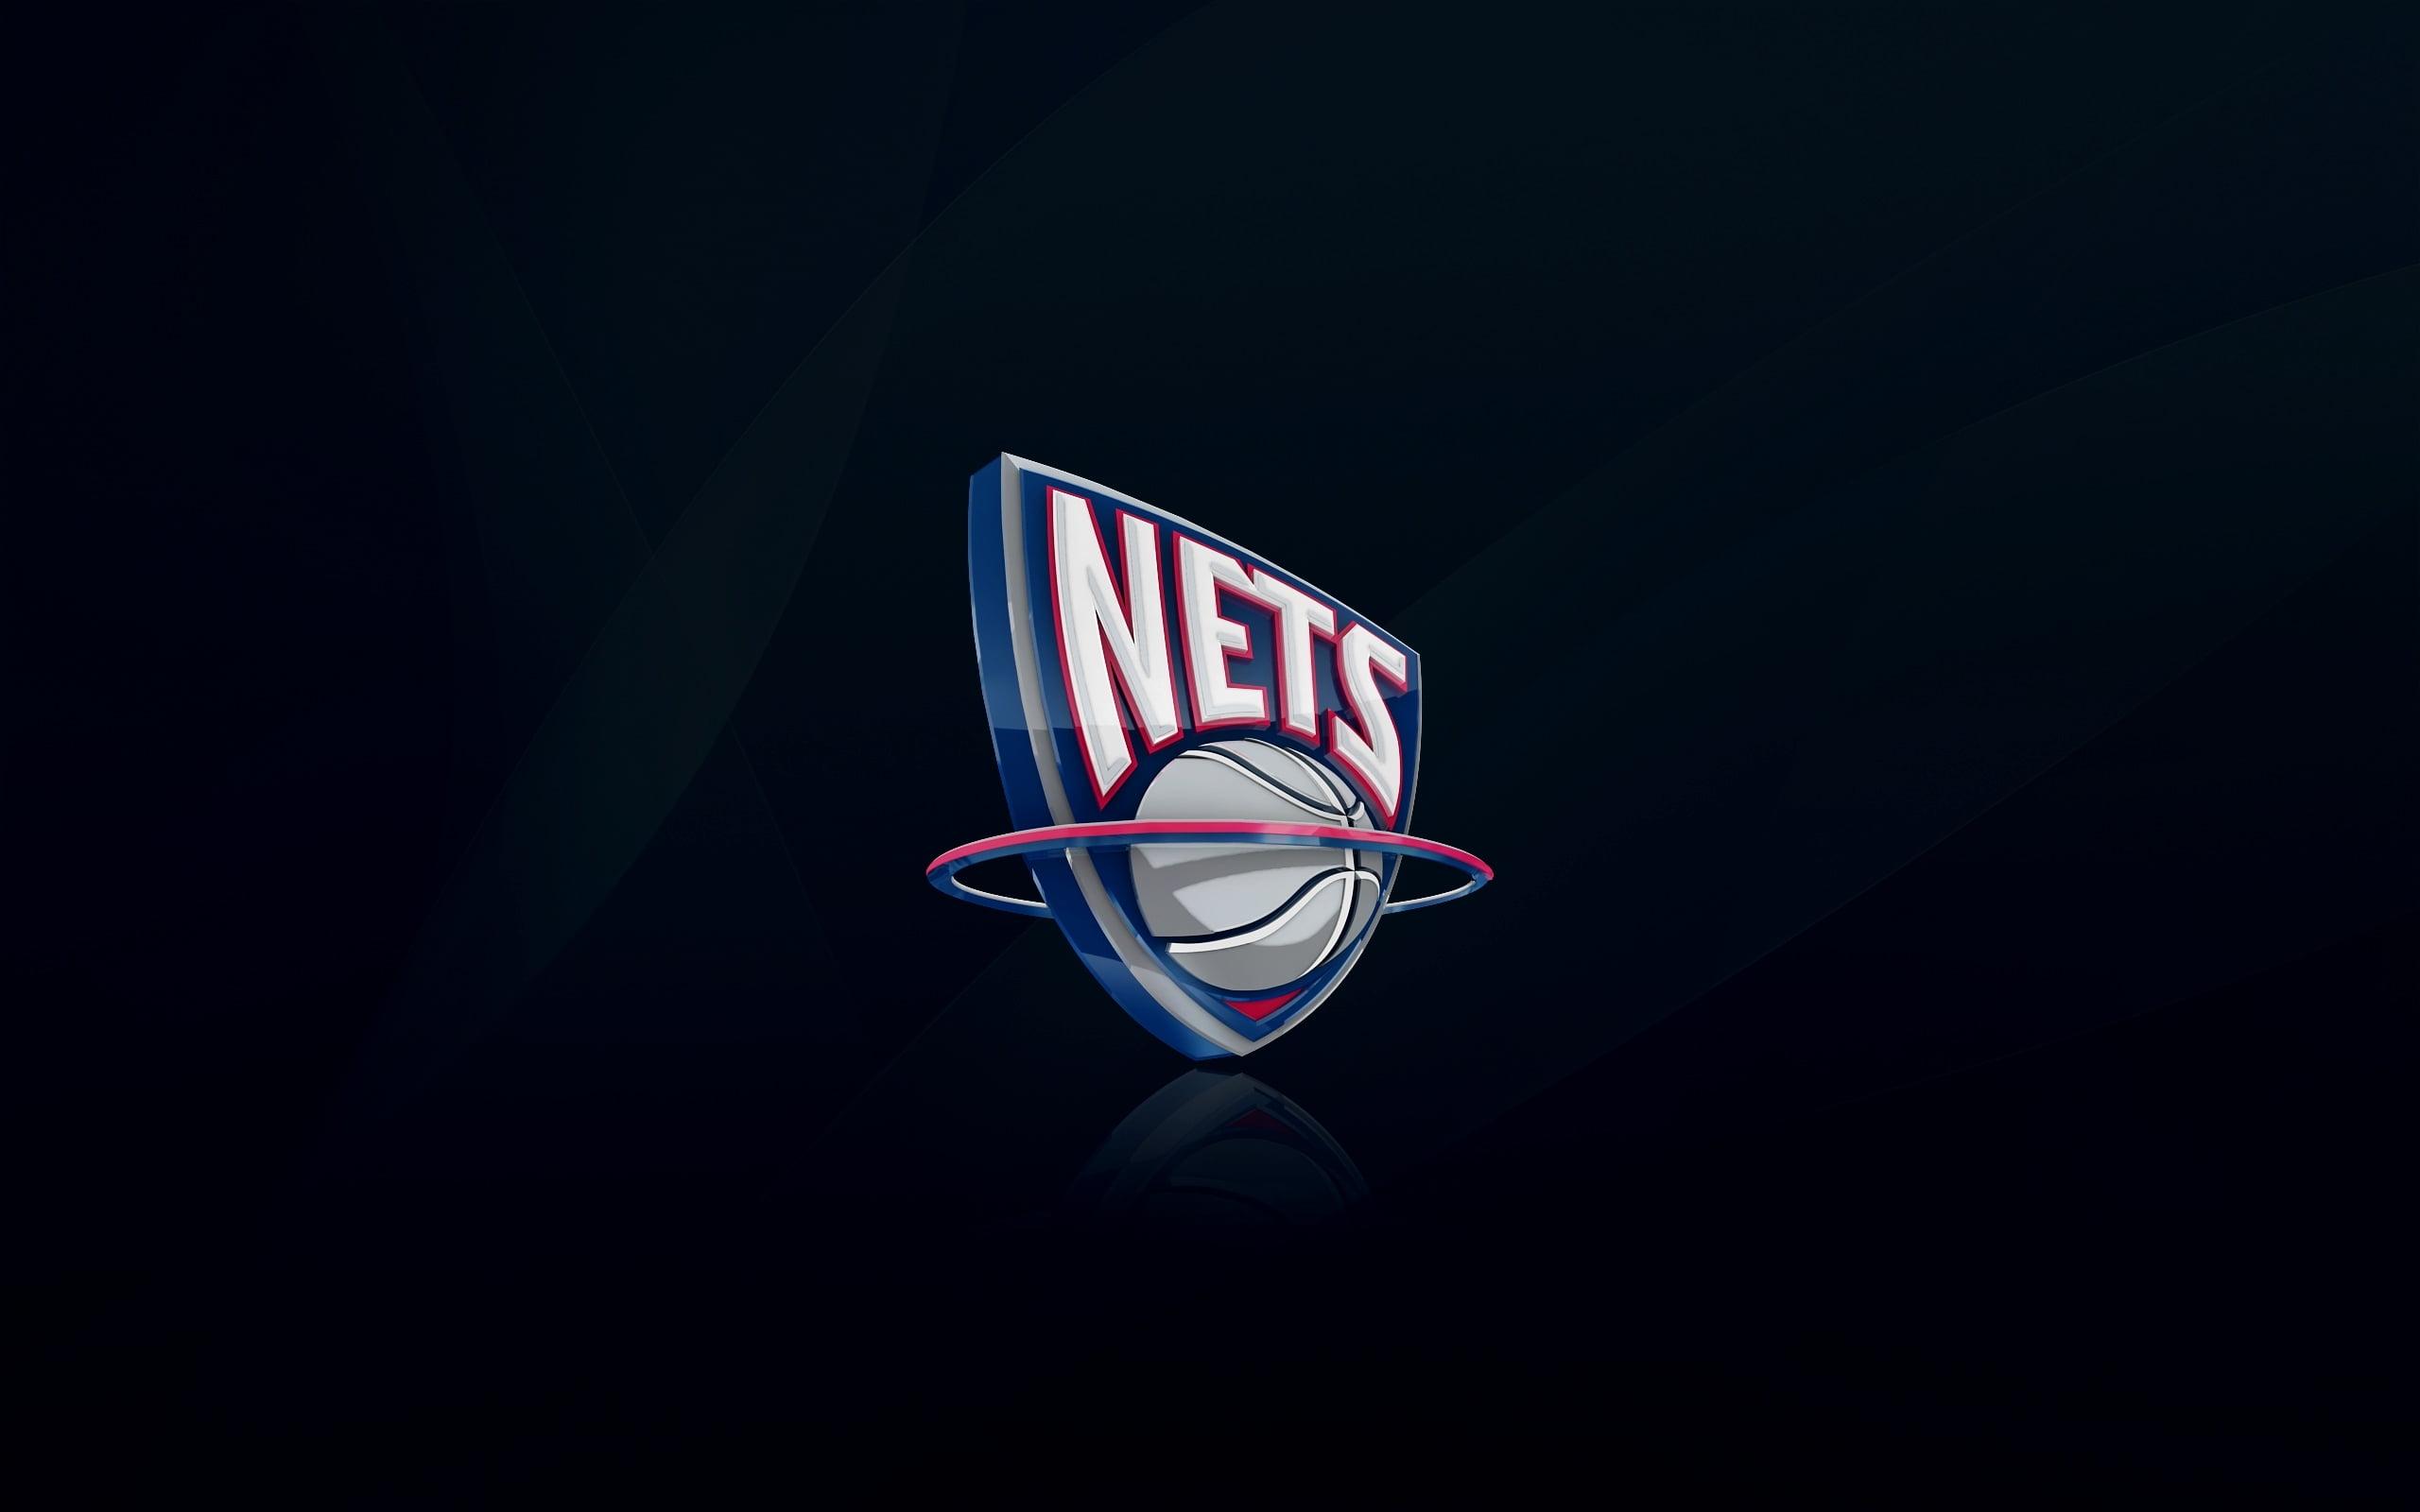 Brooklyn Nets Hd Wallpaper Hd Nba Nets Brooklyn 1927797 Hd Wallpaper Backgrounds Download